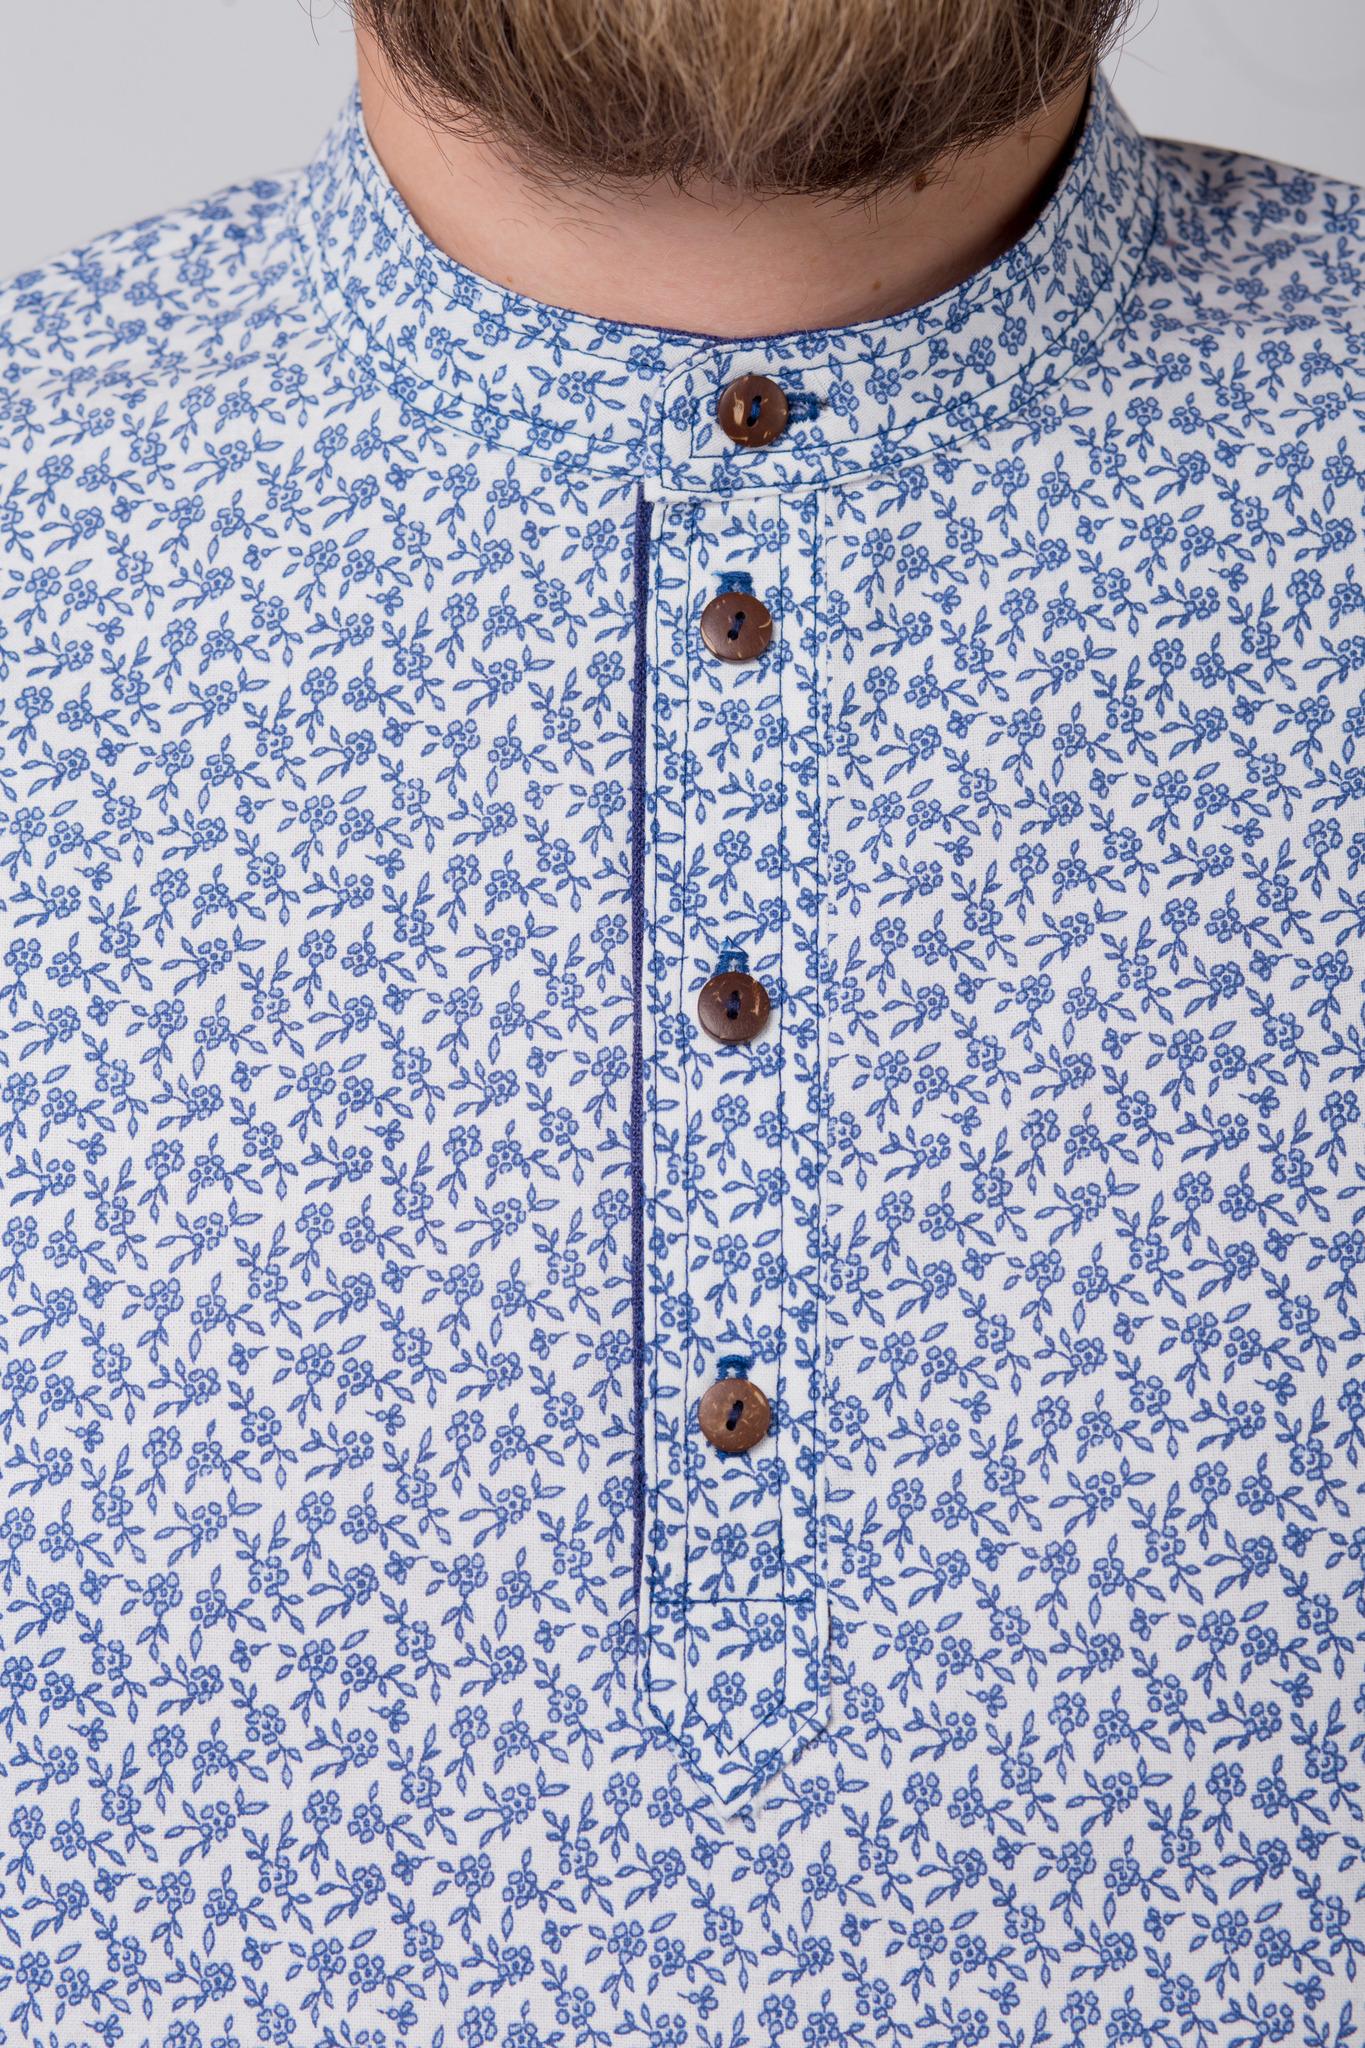 Рубашка льняная Енисейская застёгнутый ворот